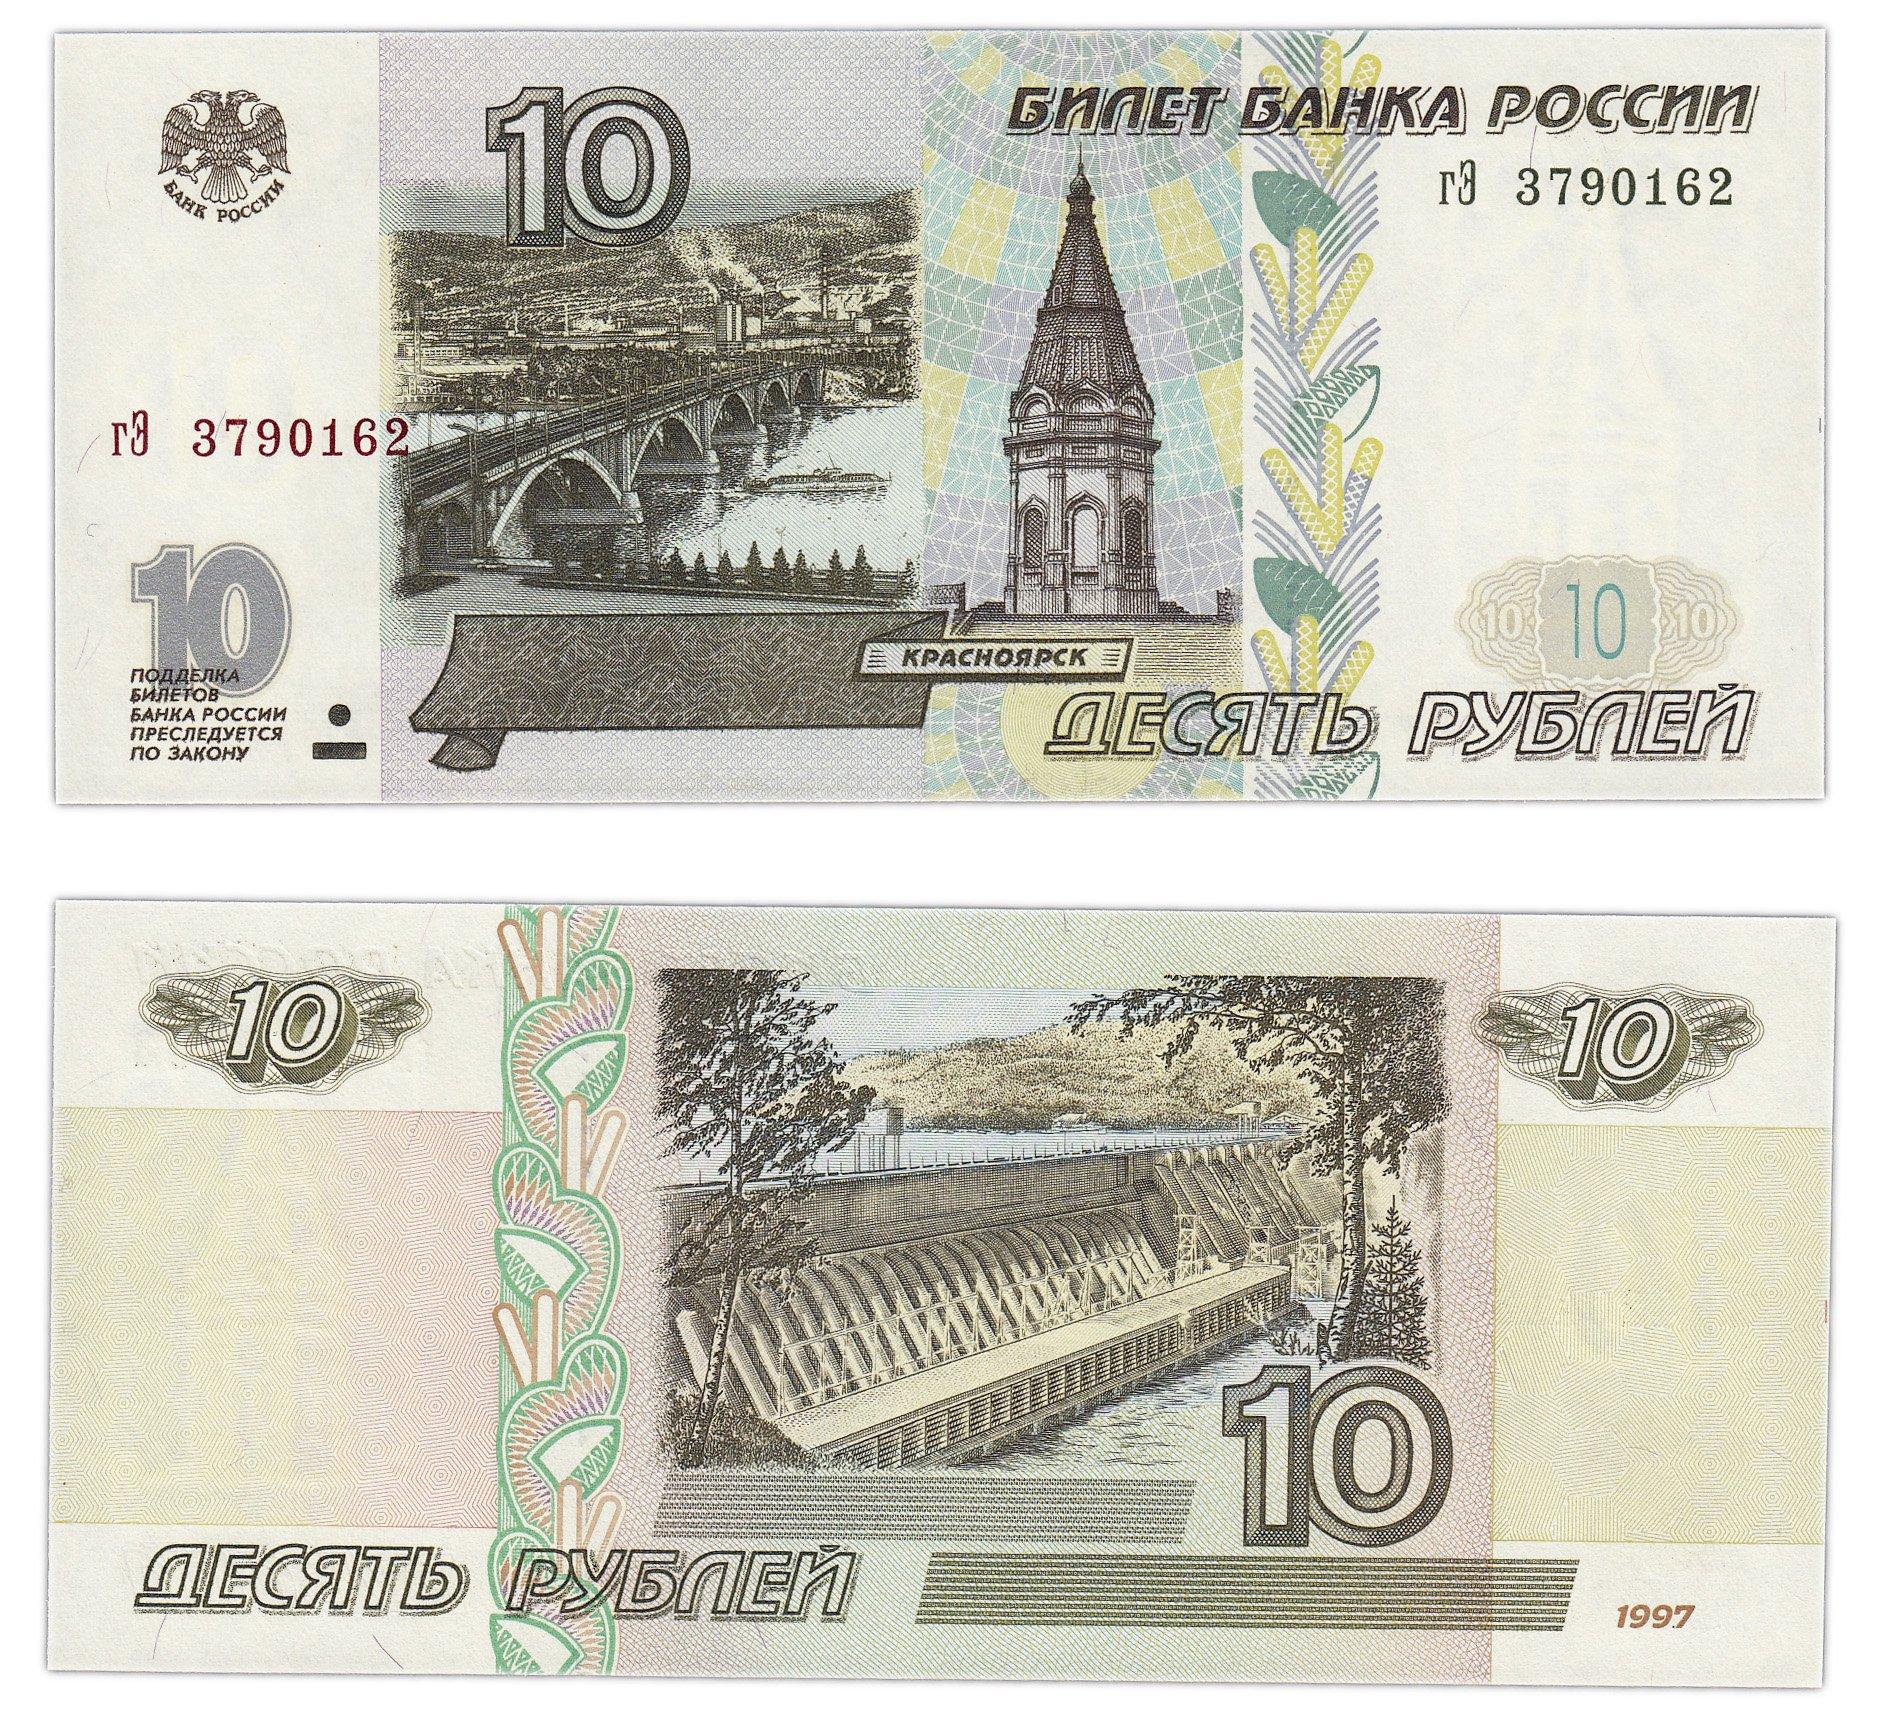 10 рублей 1997 года без модификации лупа 4 х кратная